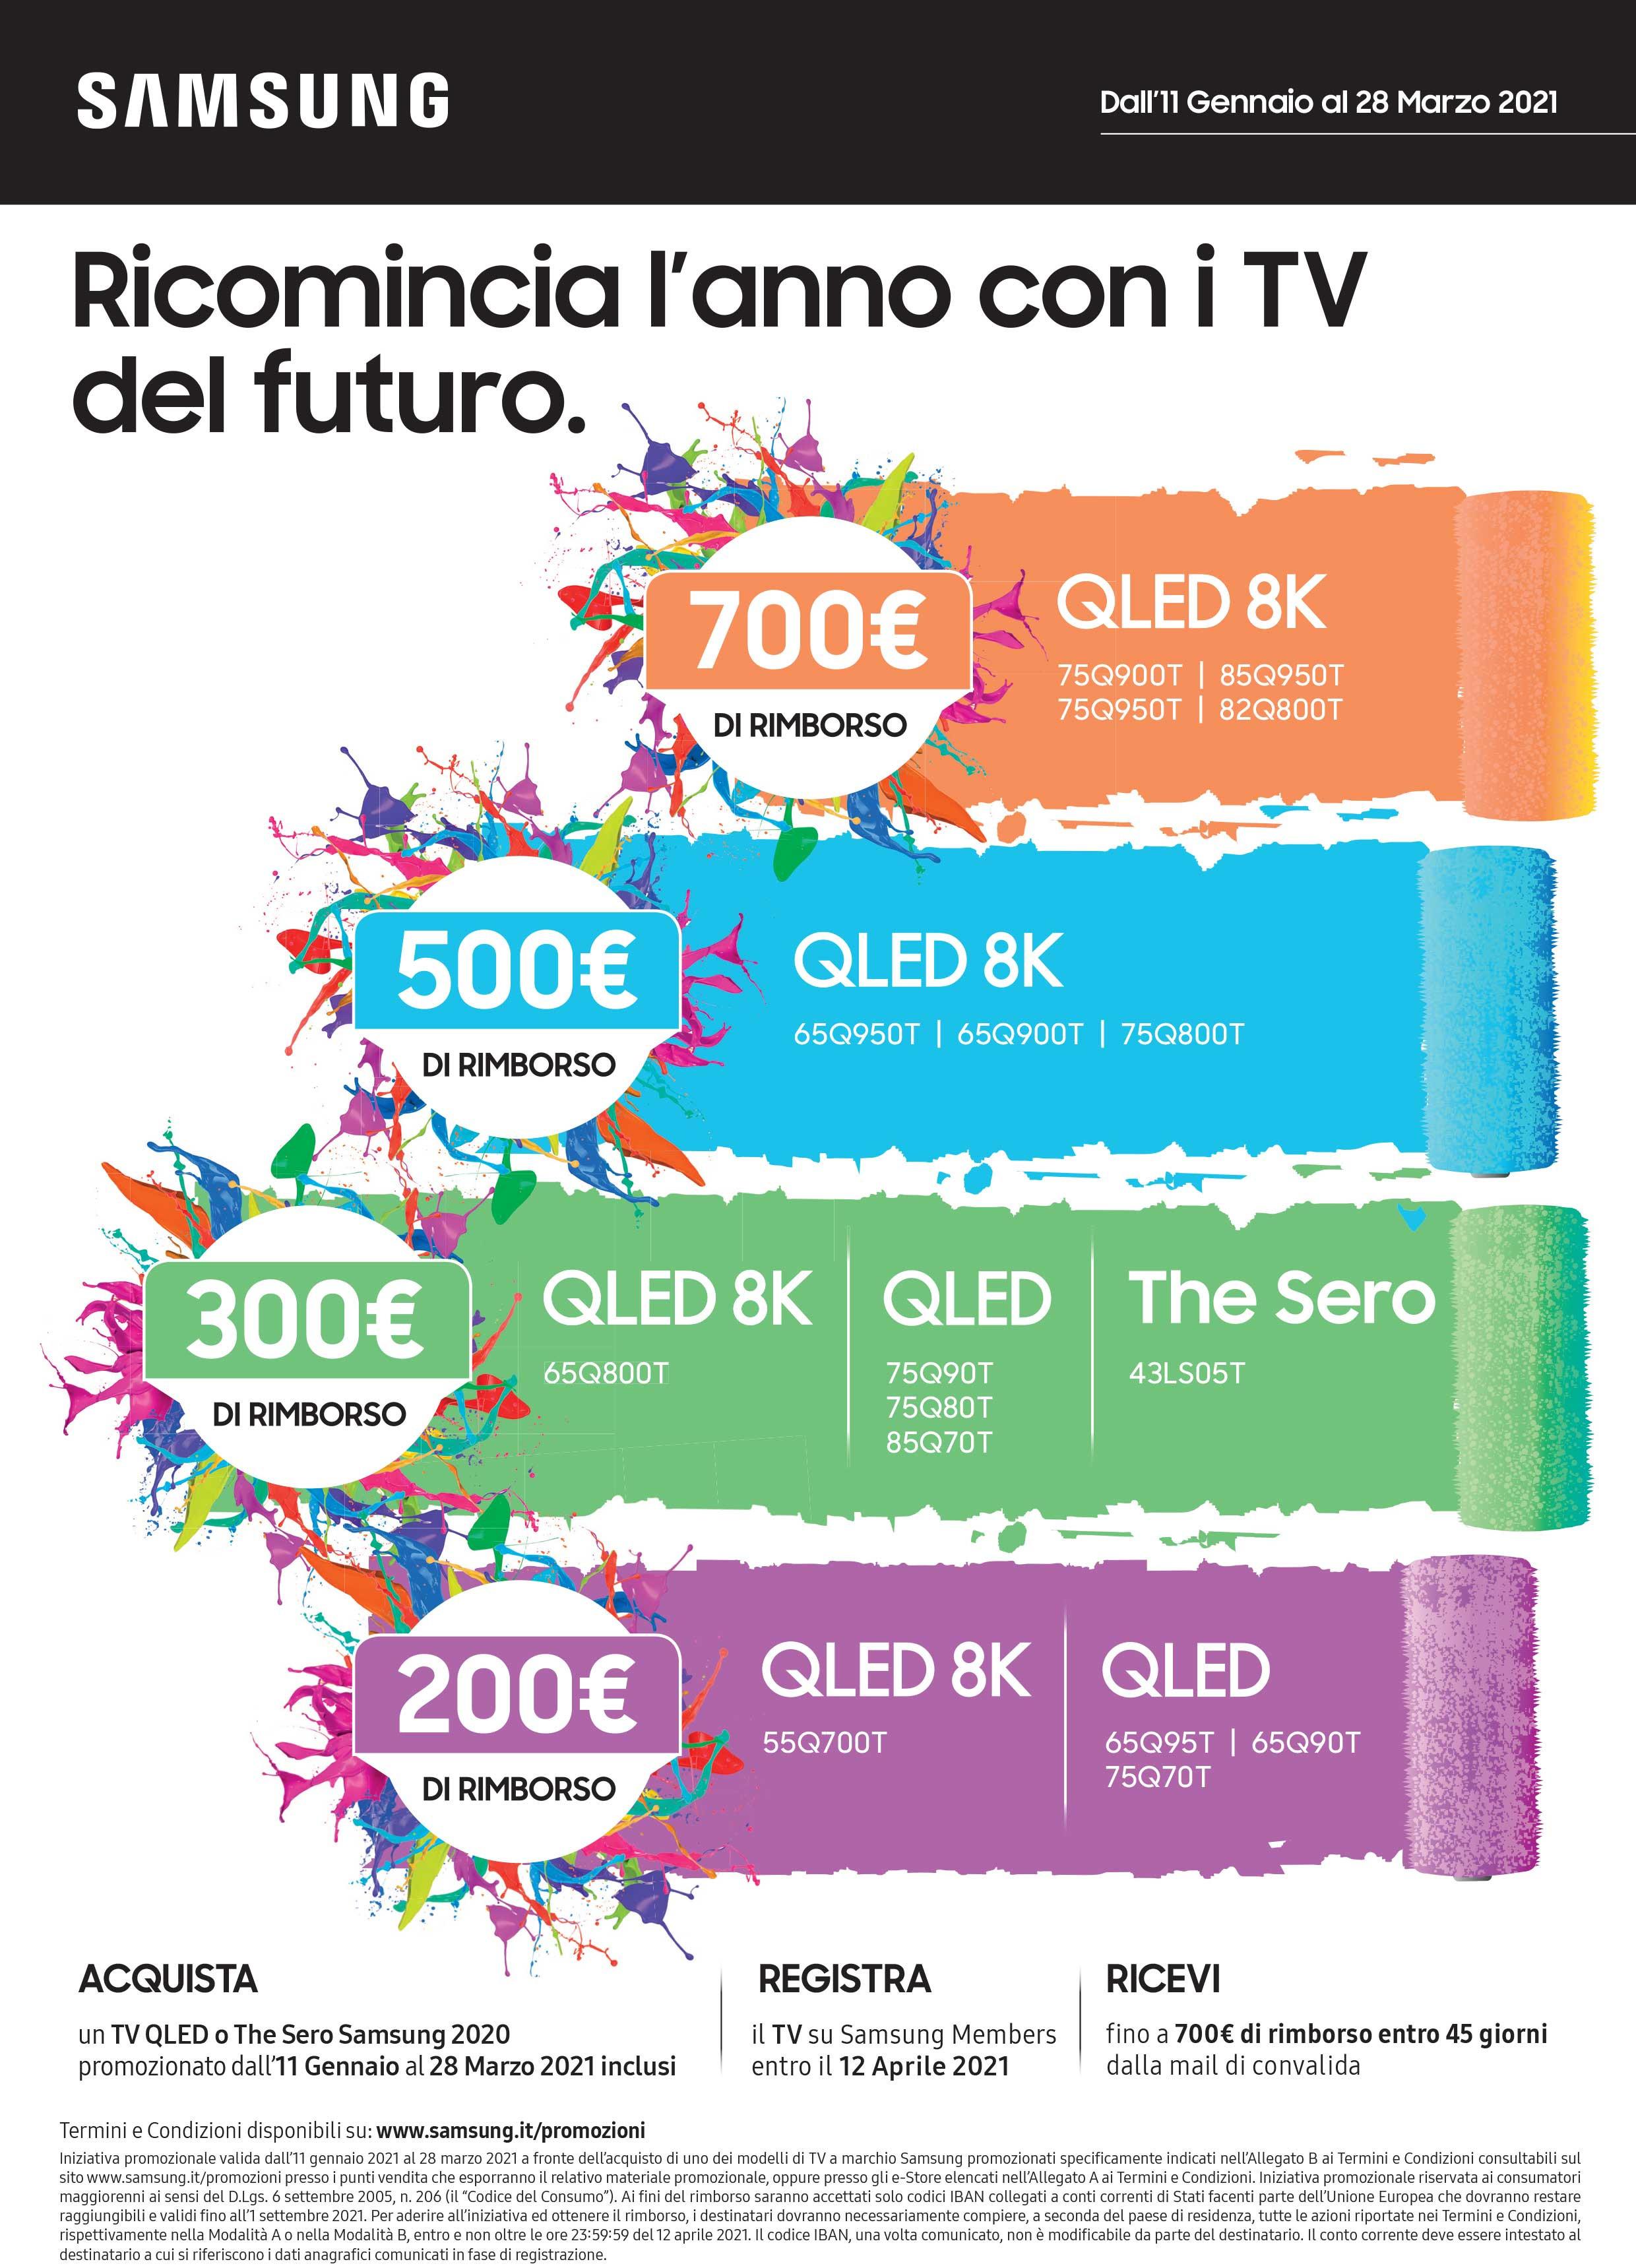 A4-cashback-2-proroga-RICOMINCIA-L'ANNO-CON-I-TV-DEL-FUTURO.jpg